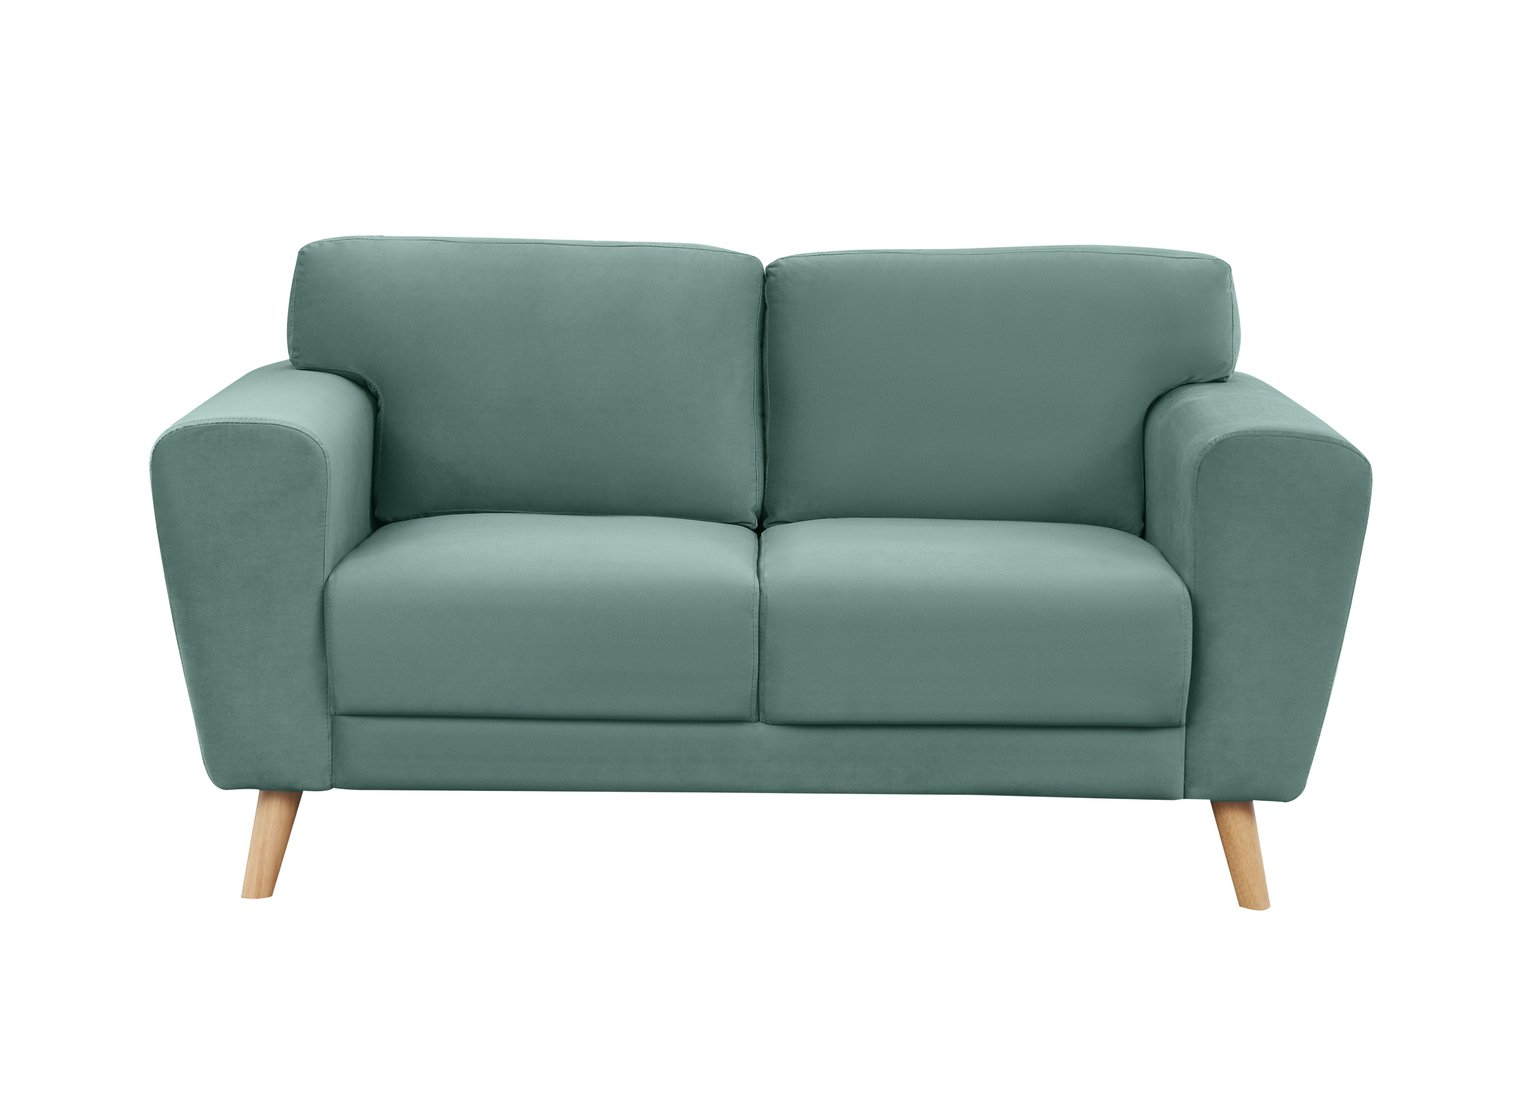 Habitat Snuggle 2 Seater Velvet Sofa - Teal